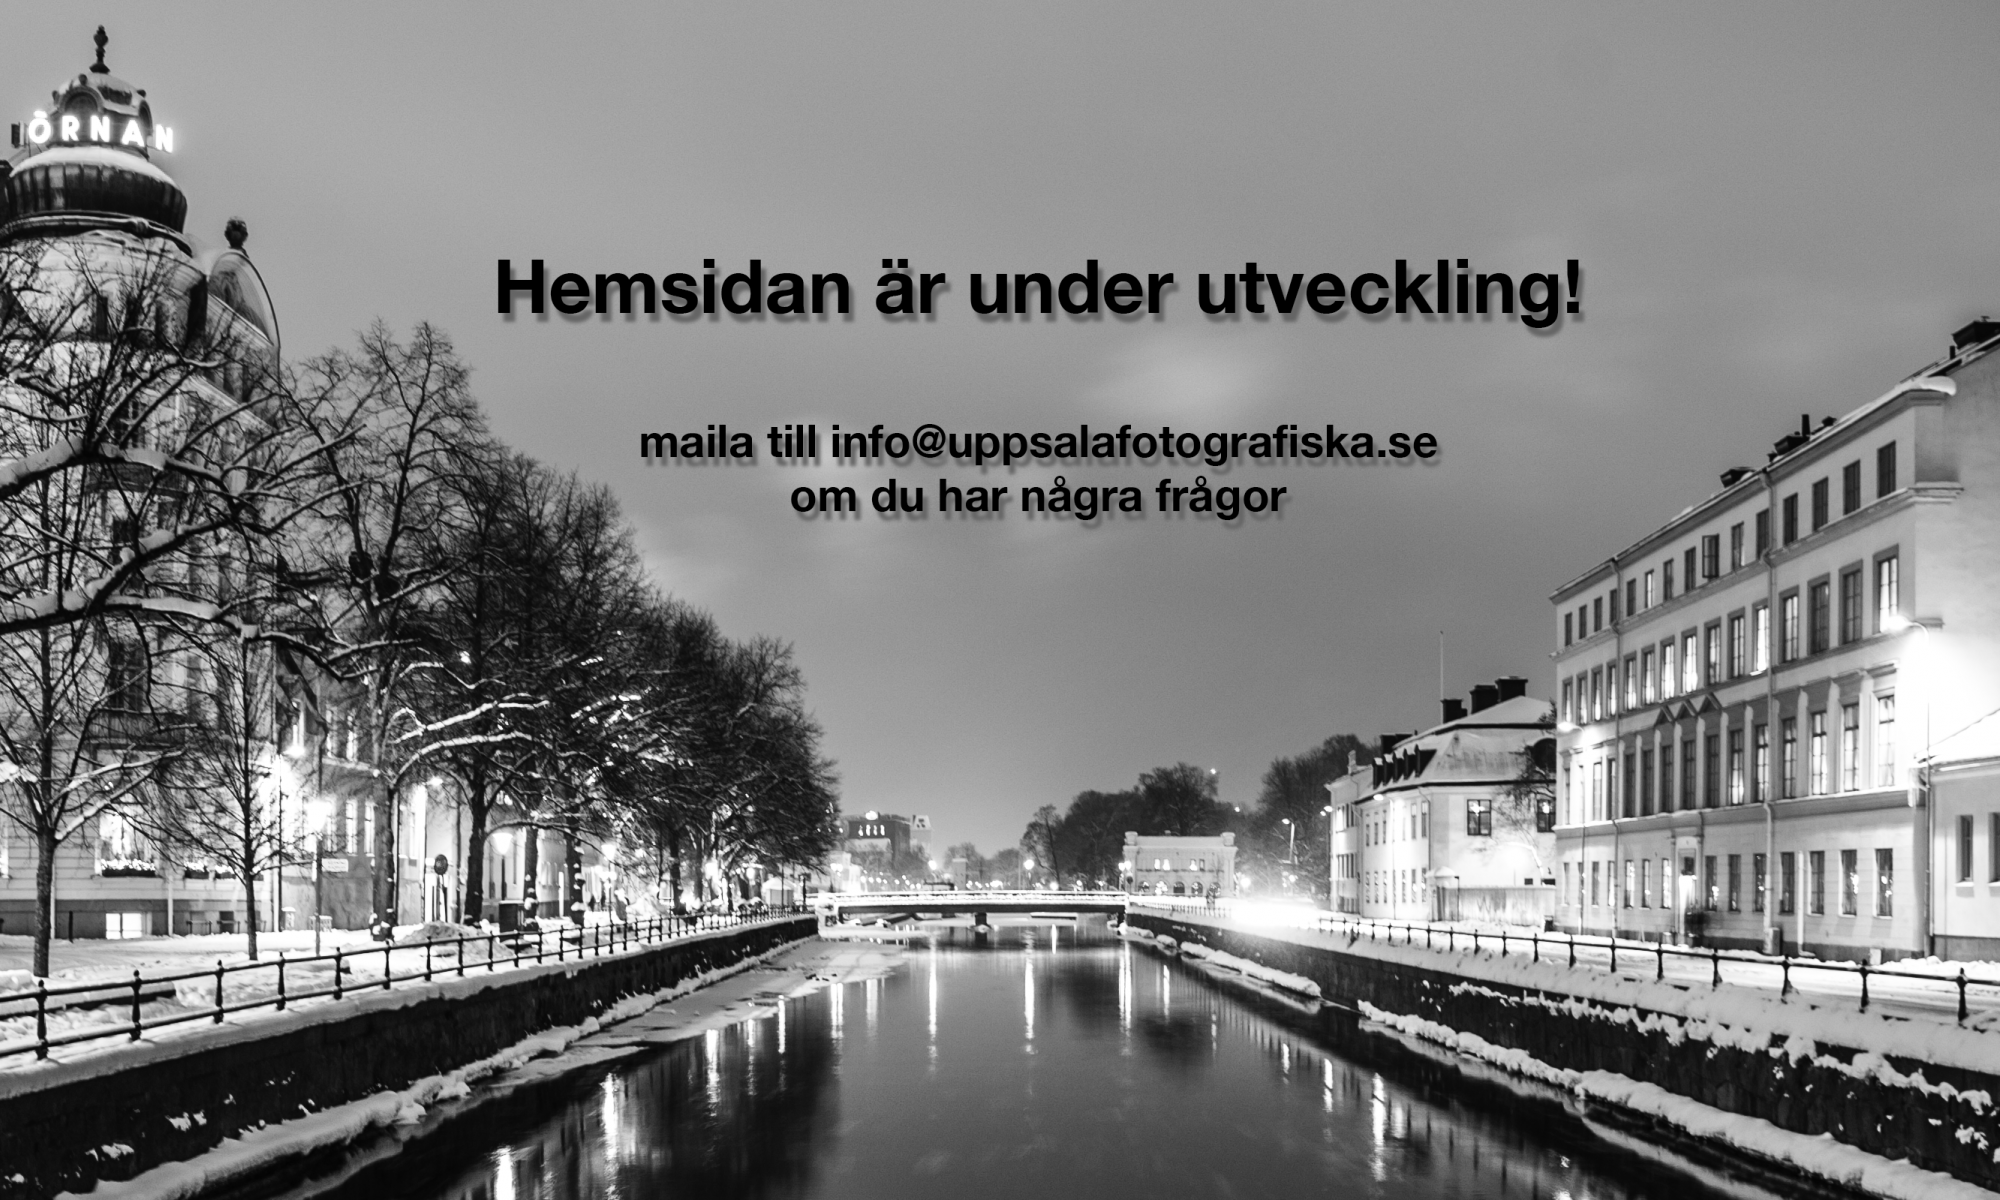 Uppsala Fotografiska Sällskap